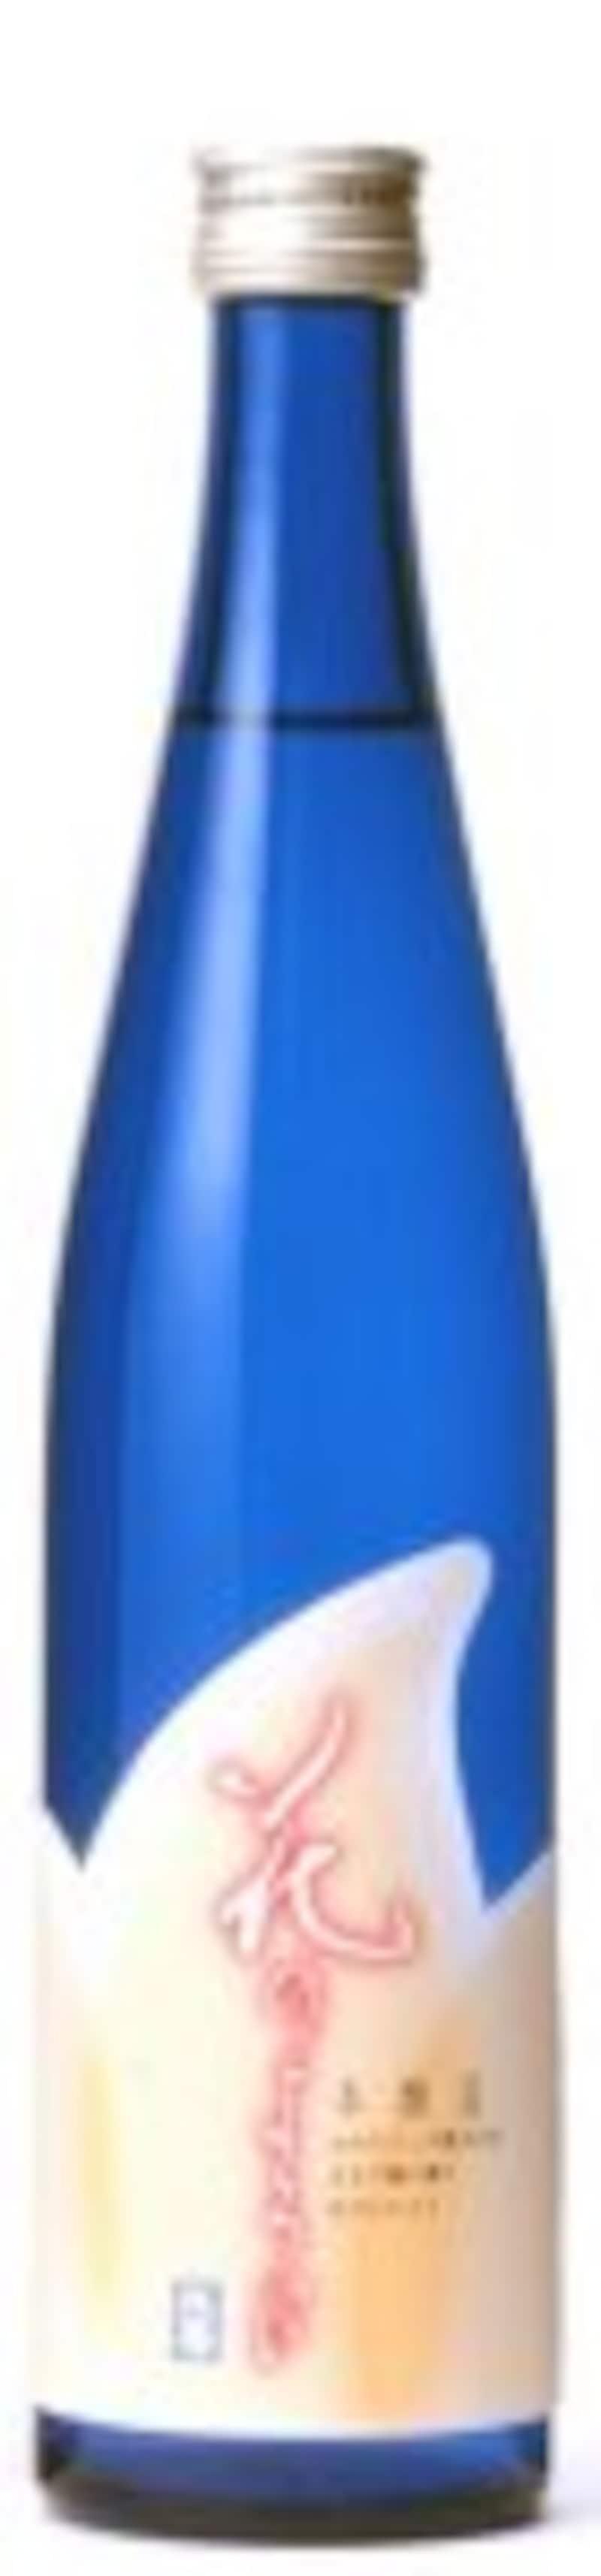 美しいブルーボトルは涼しげ